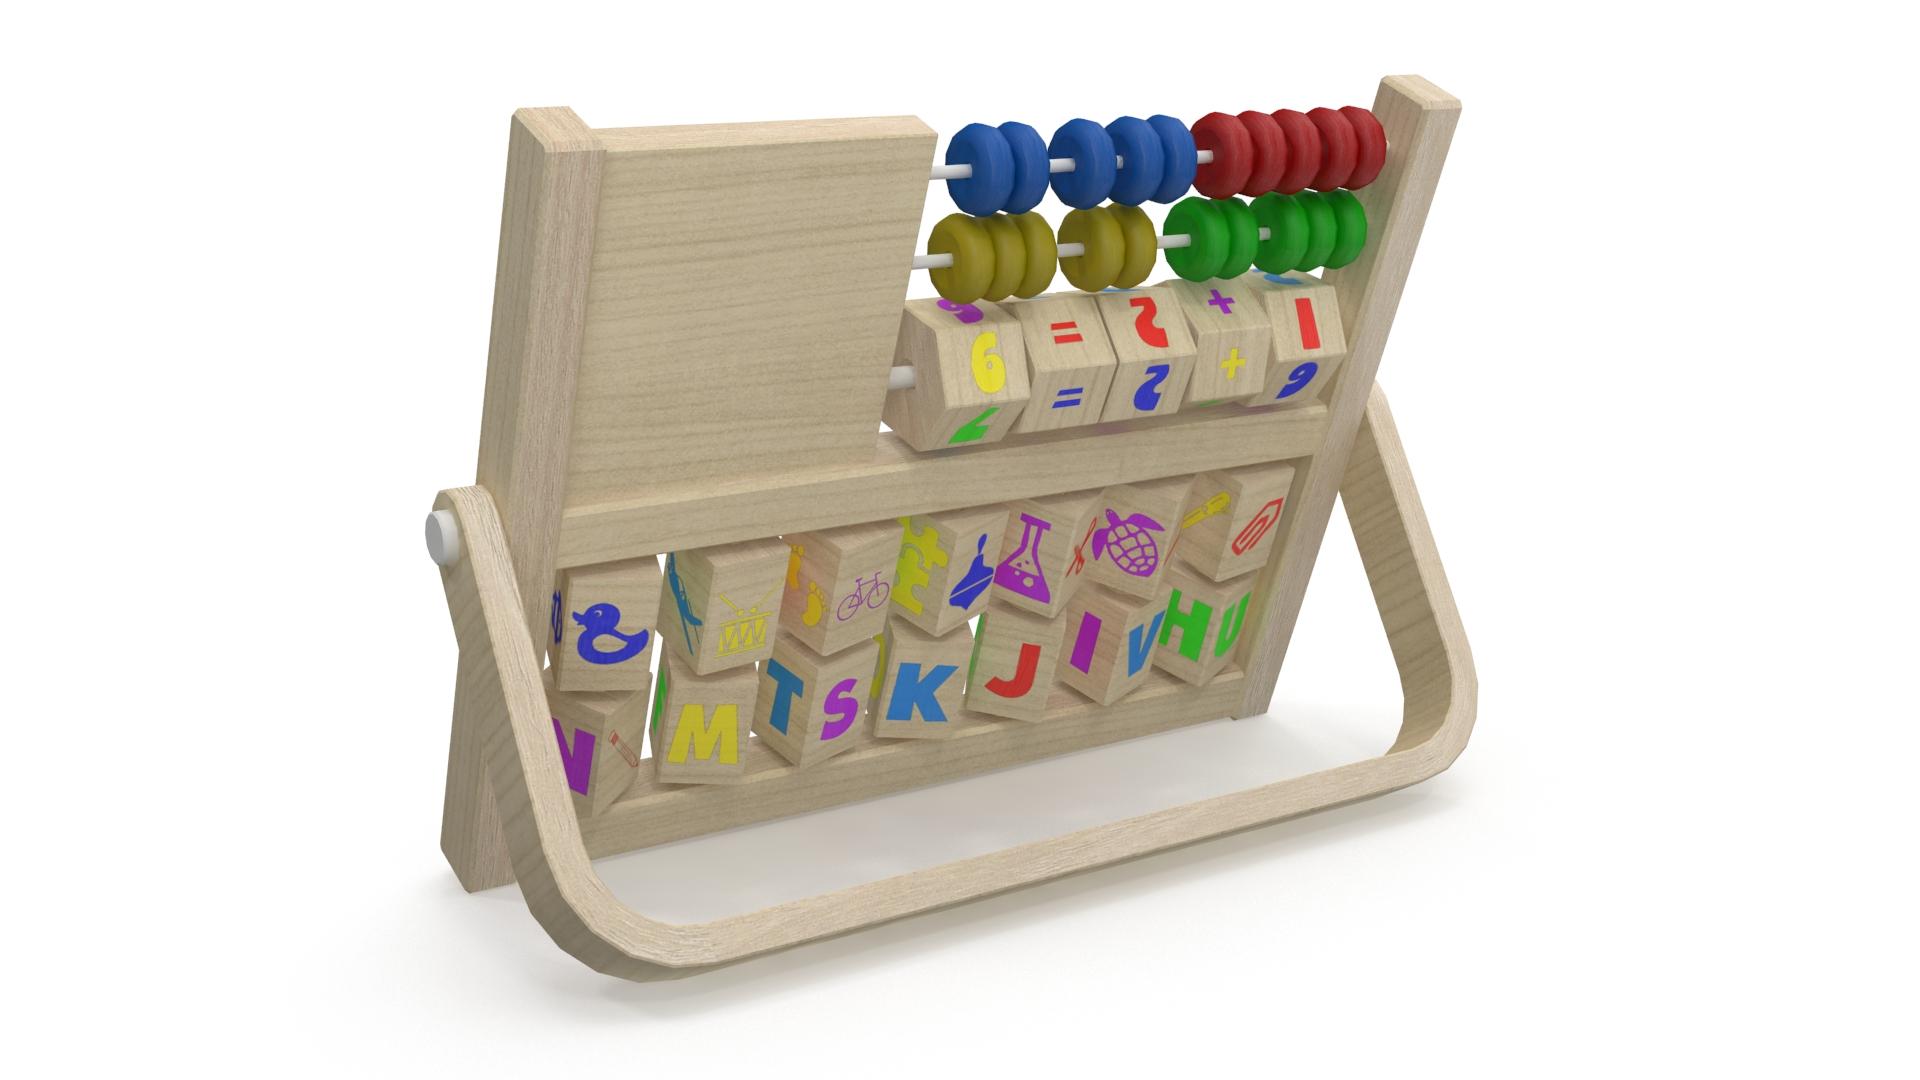 educational toy 3d model 3ds max fbx c4d obj 269320